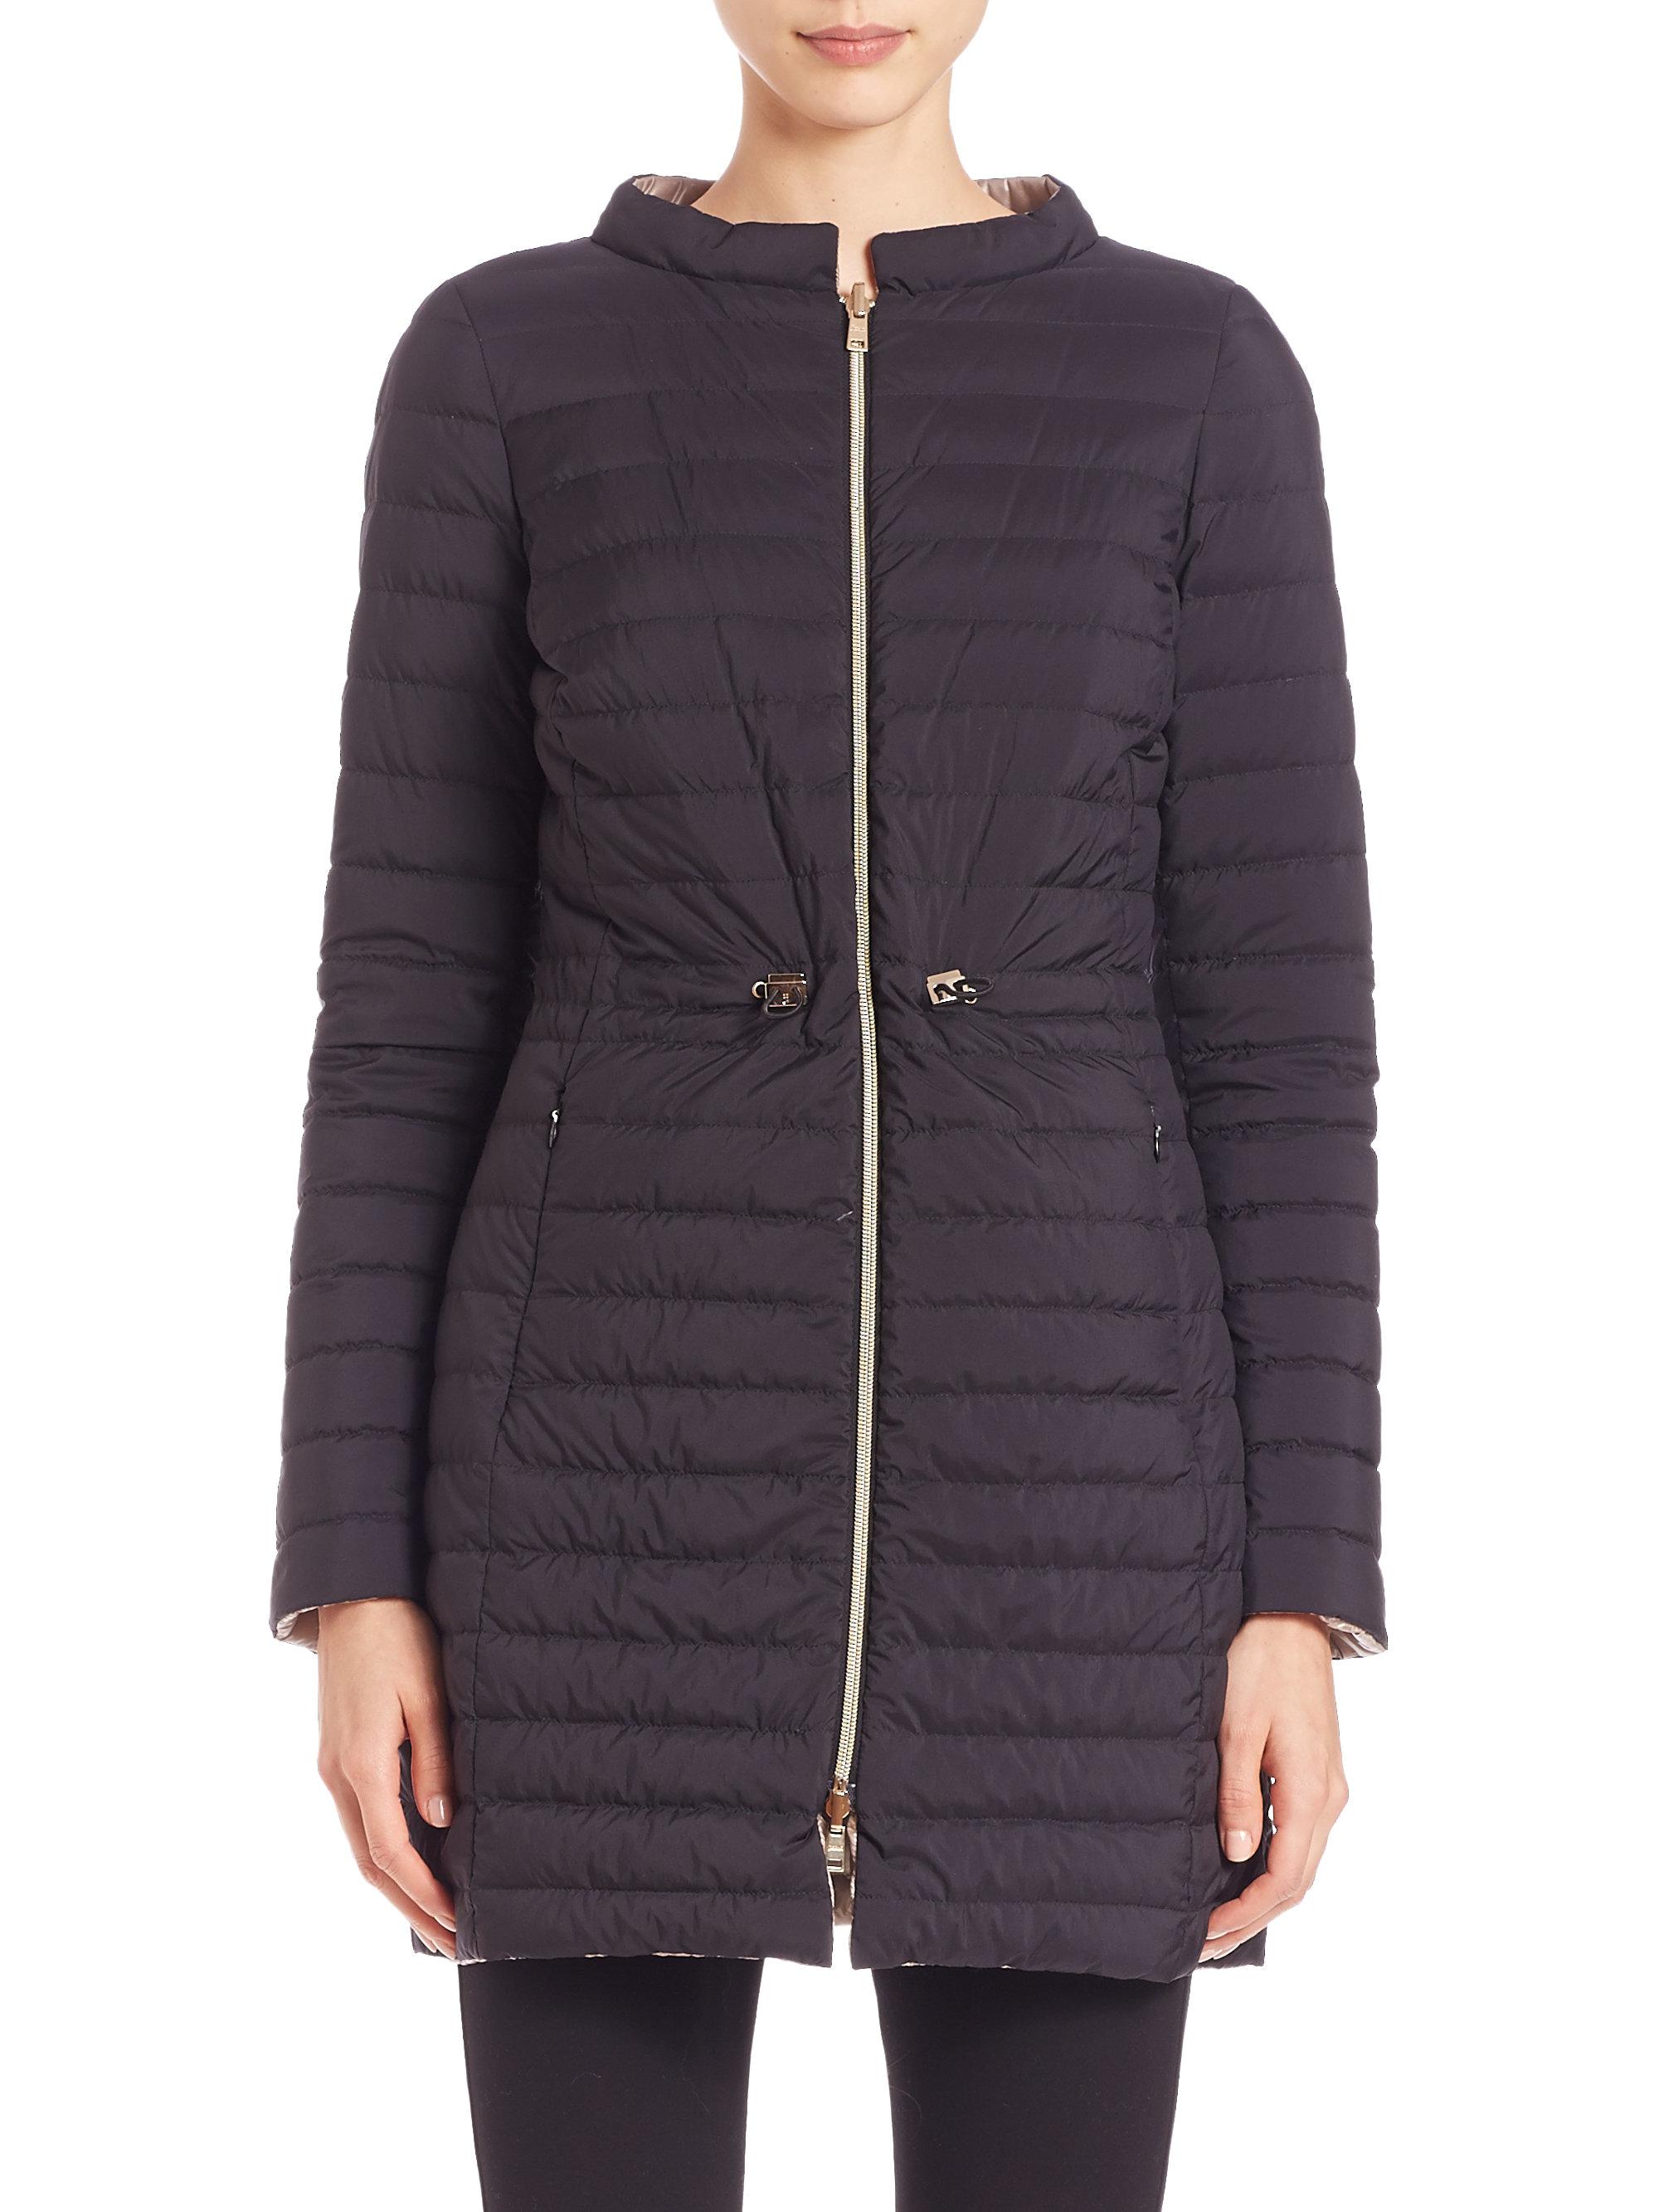 Herno Reversible Down Jacket in Black | Lyst